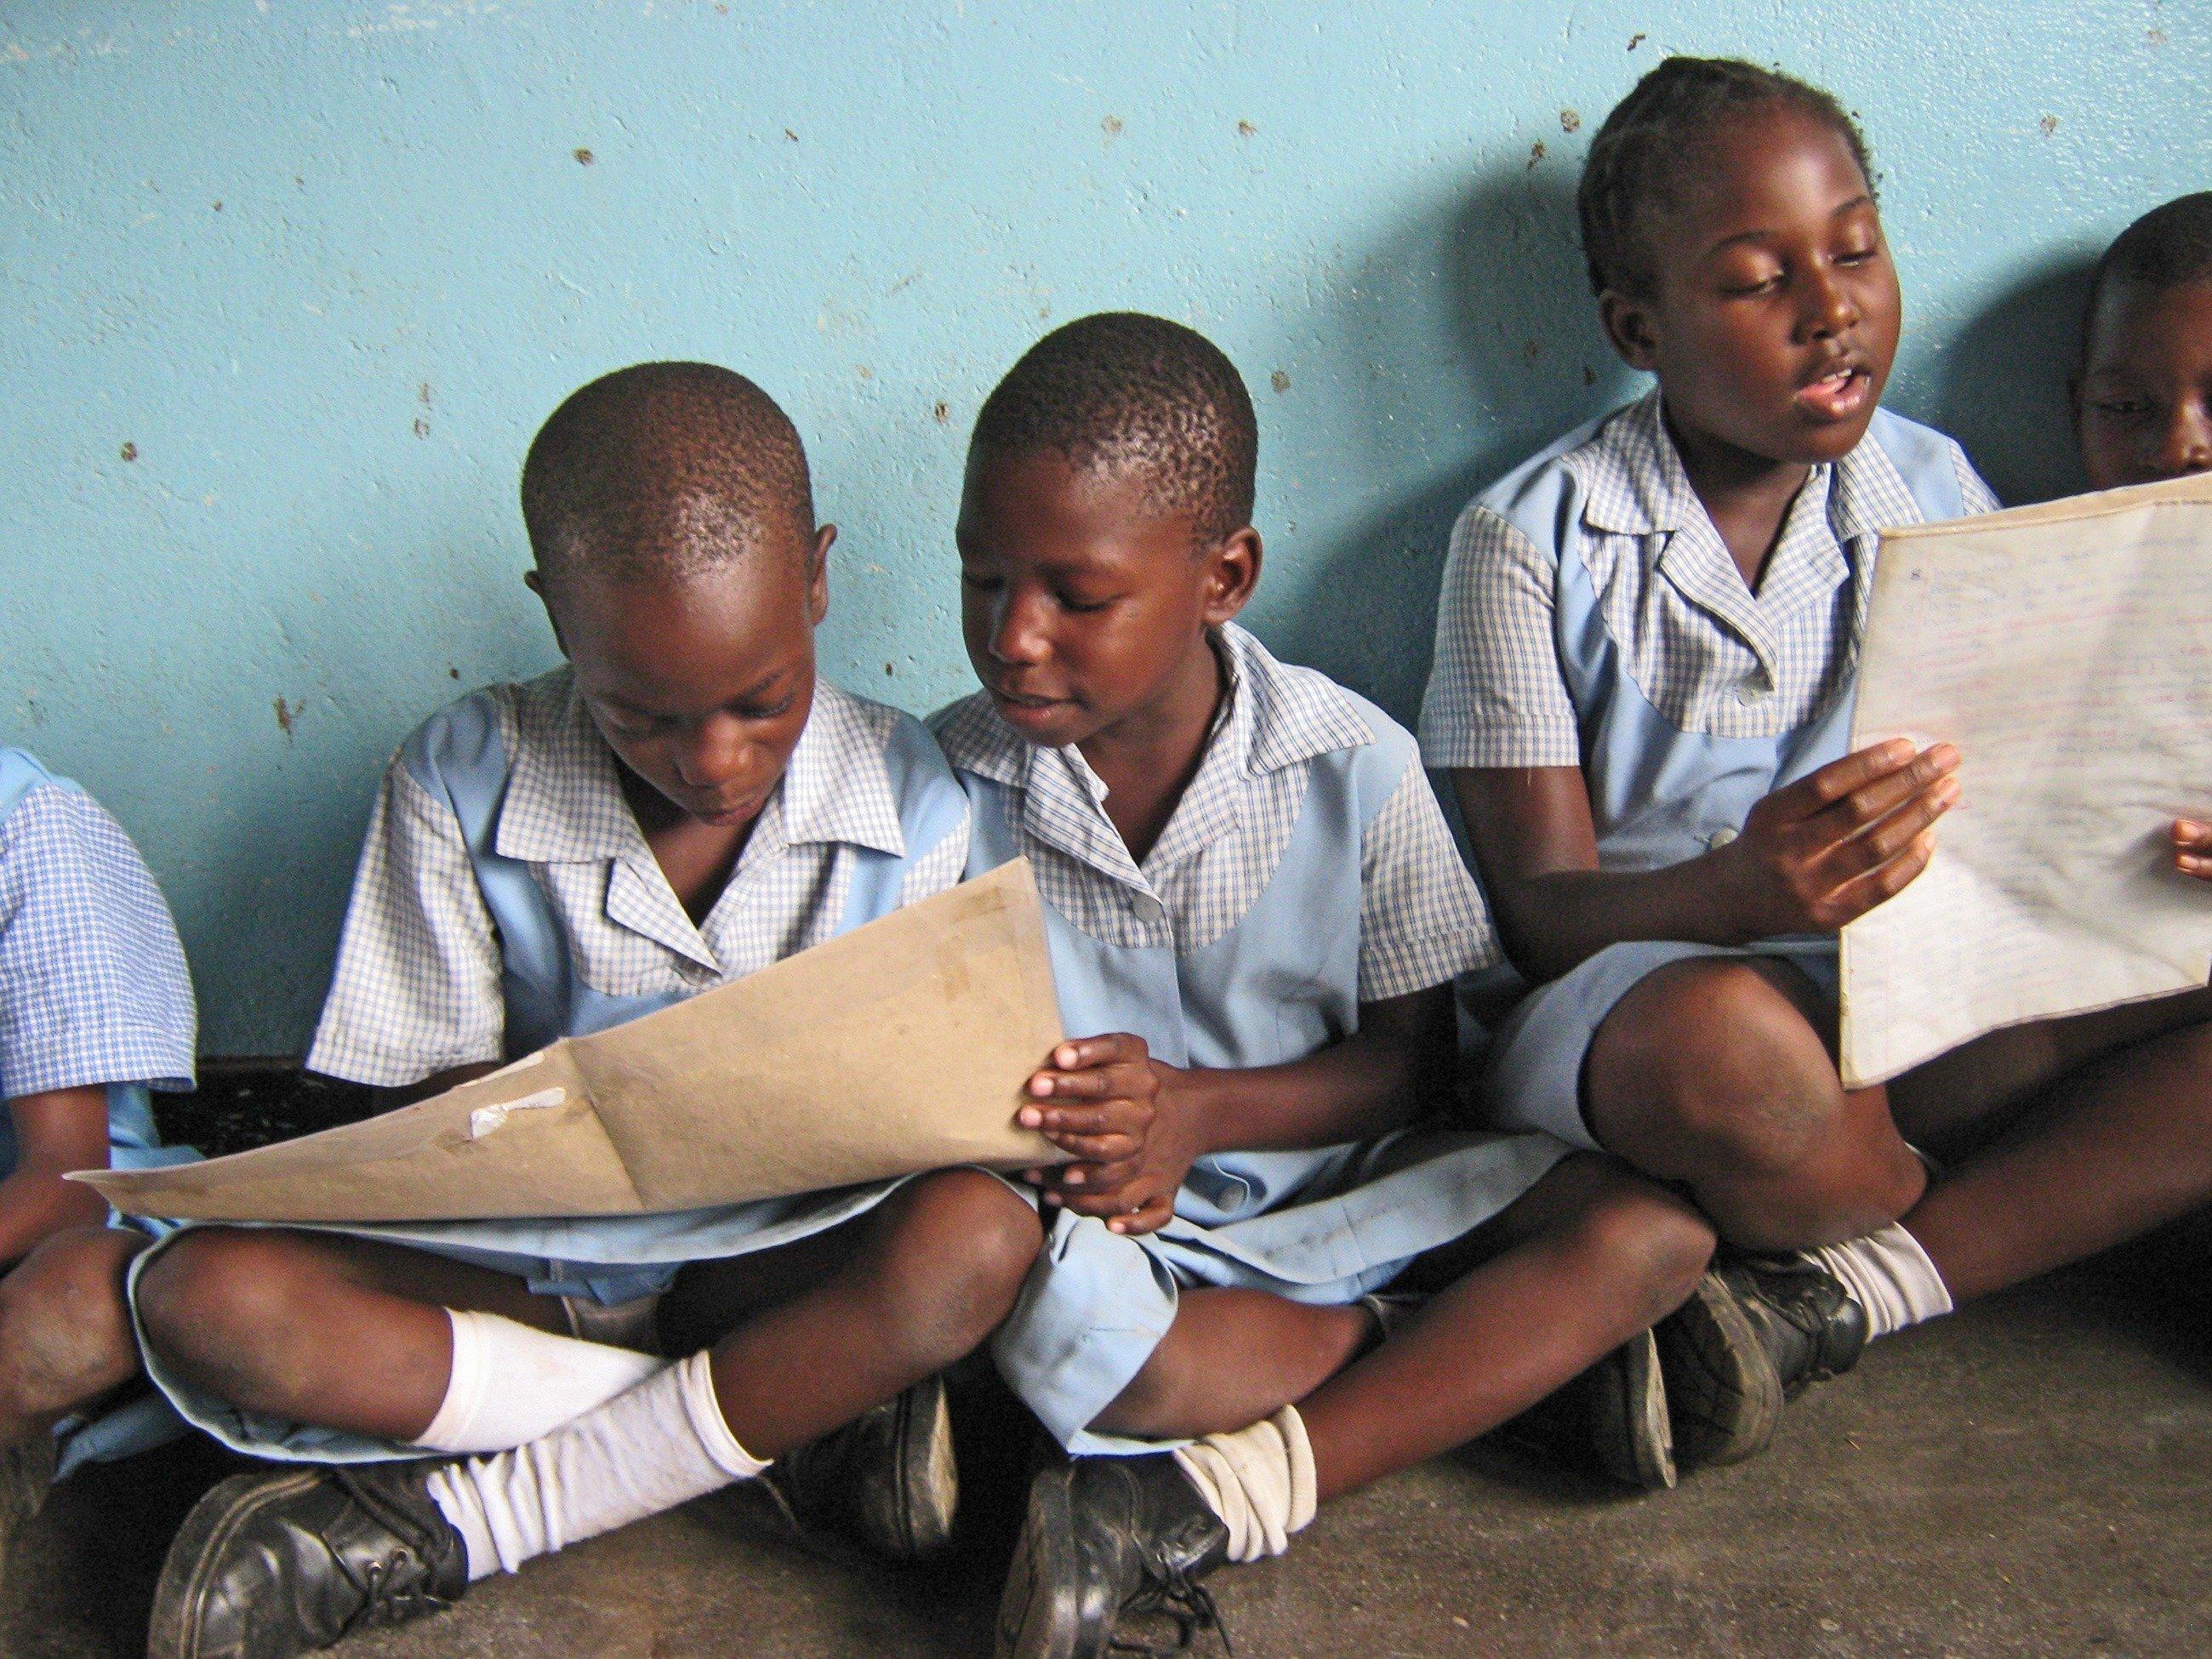 Bambine con abito blu leggono in un quaderno.